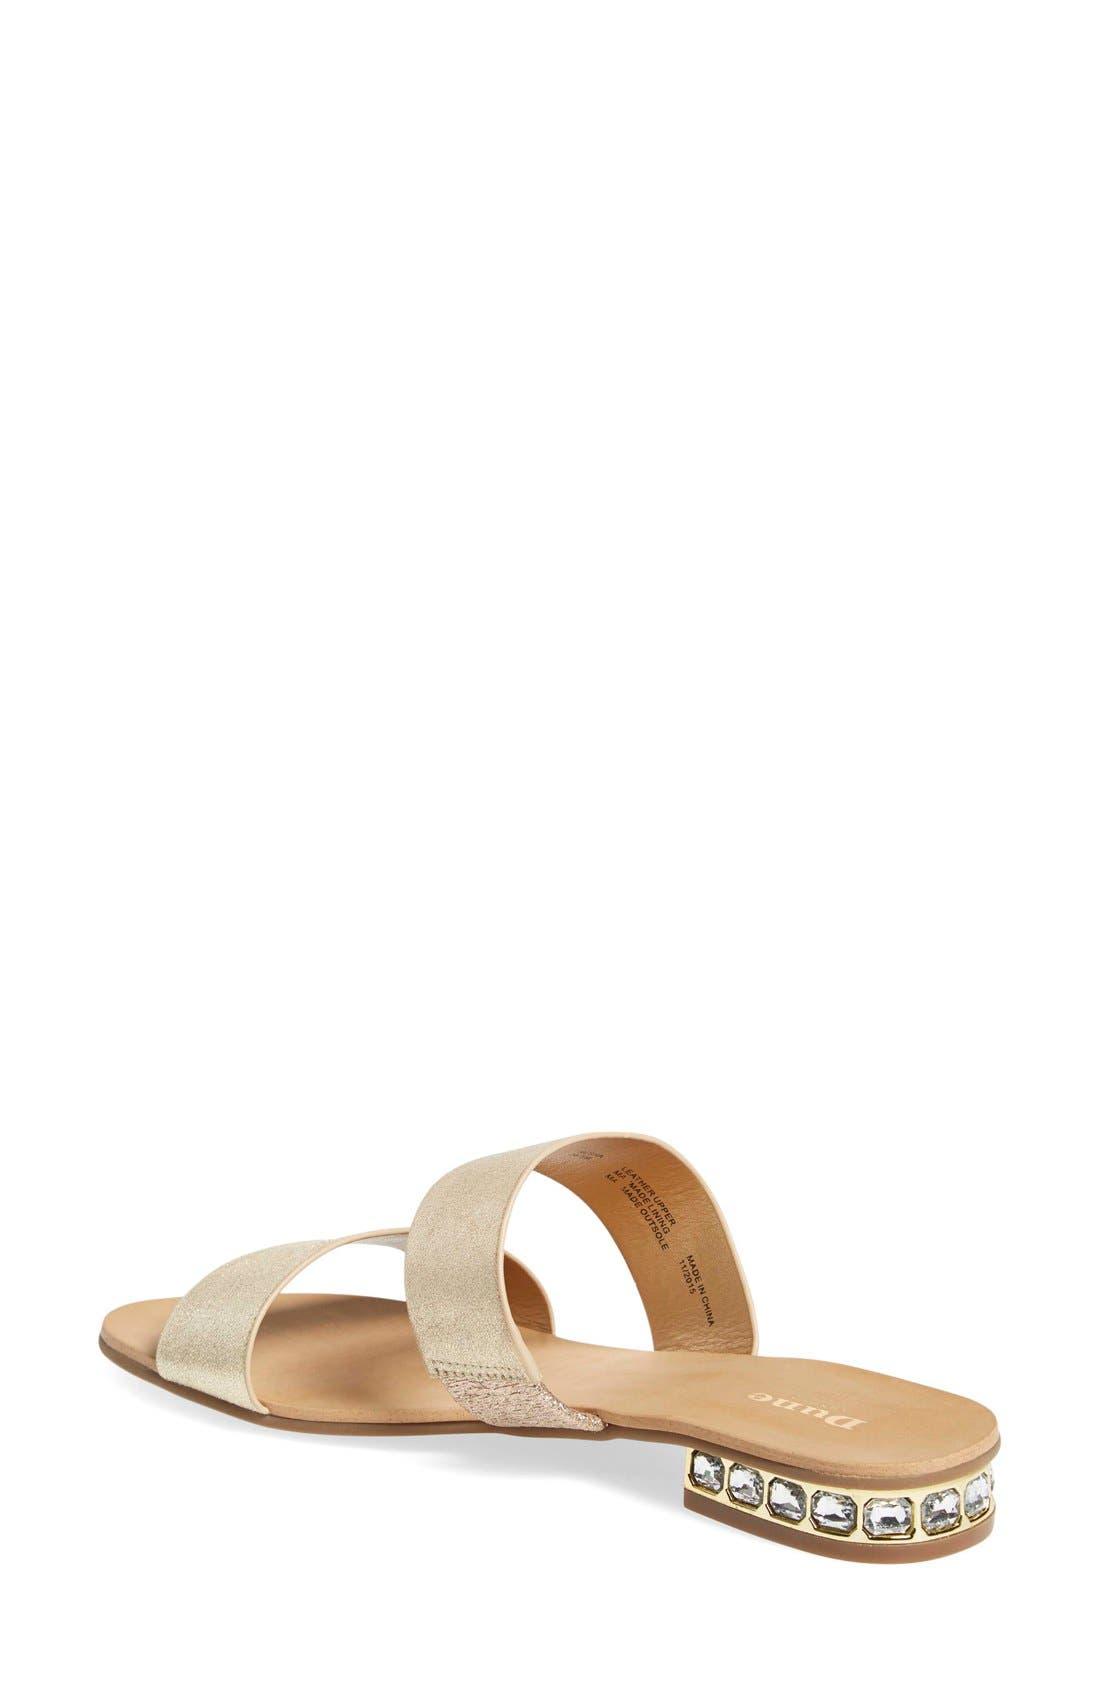 'Nesha' Flat Slide Sandal,                             Alternate thumbnail 2, color,                             713